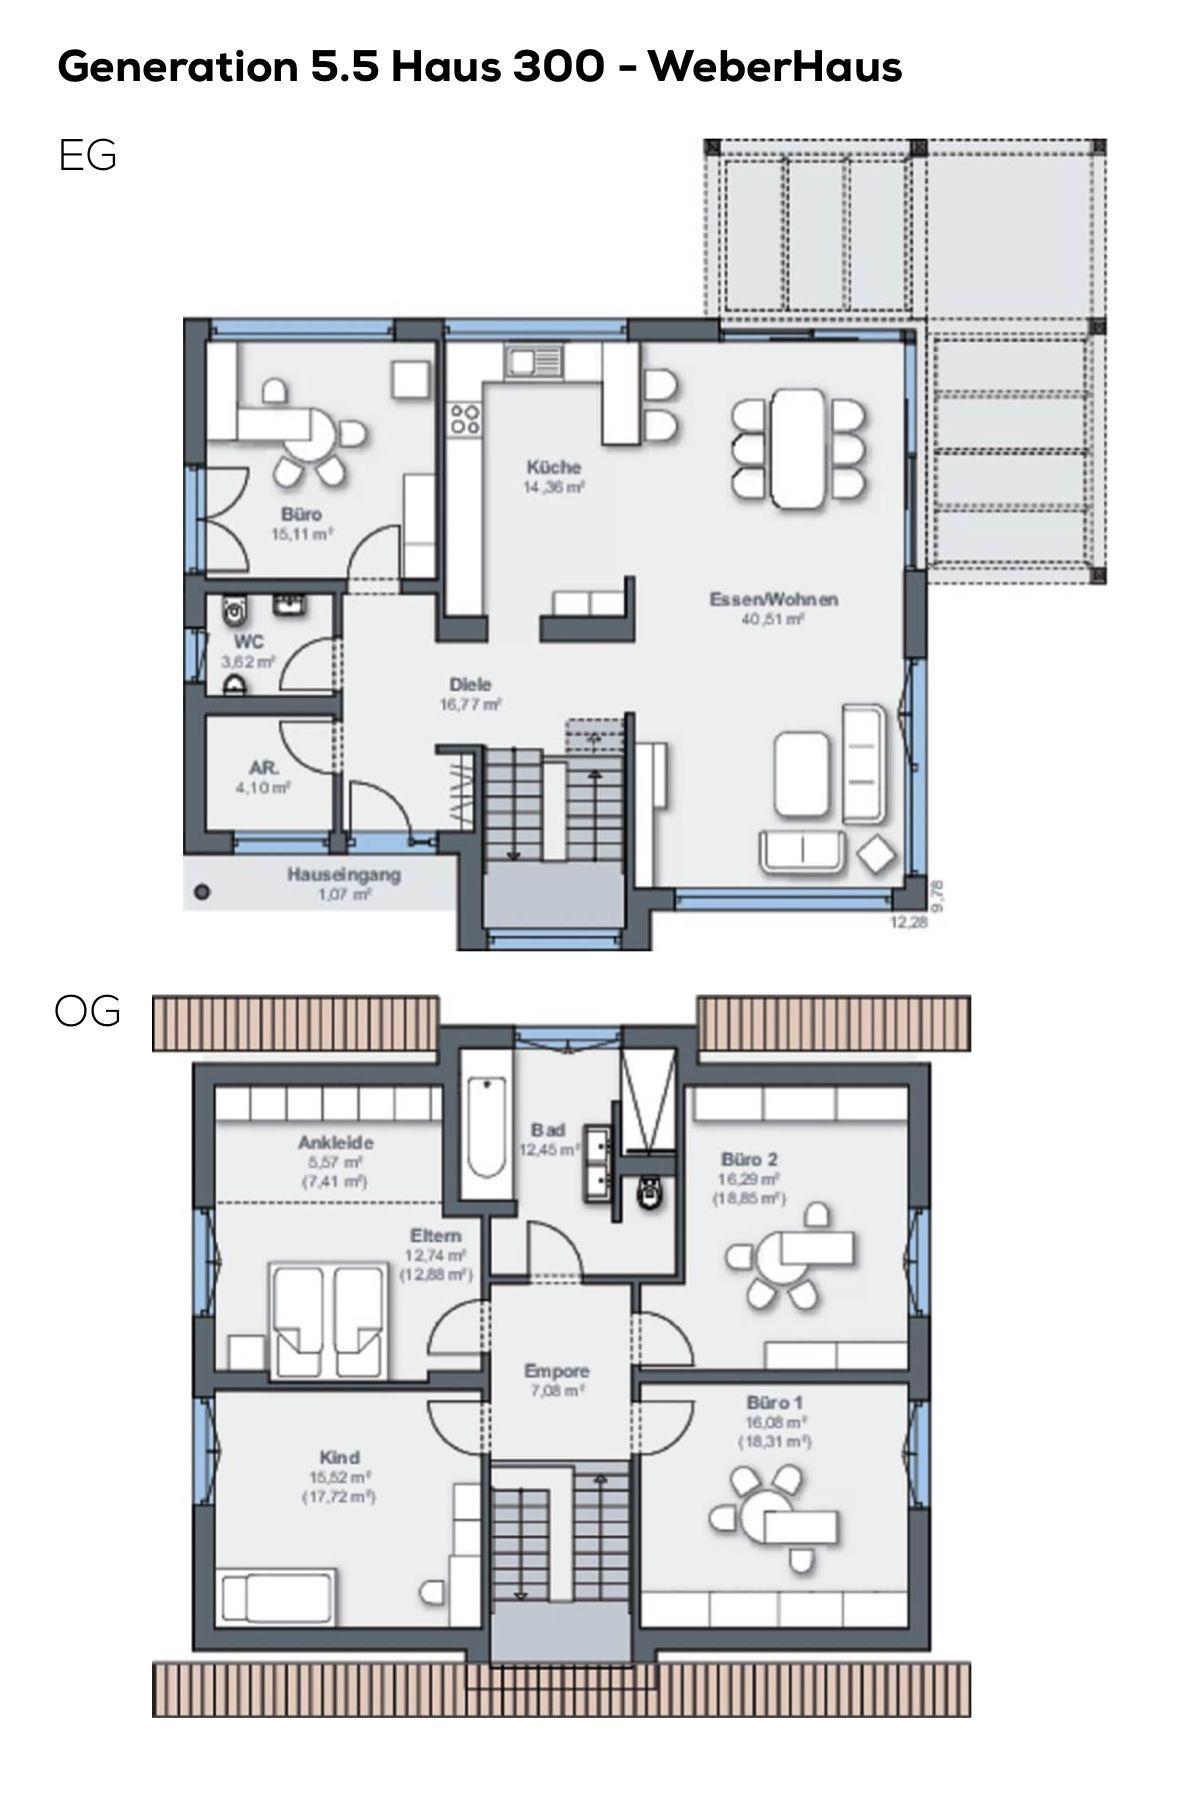 Grundriss Einfamilienhaus 6 Zimmer Ohne Keller Offene